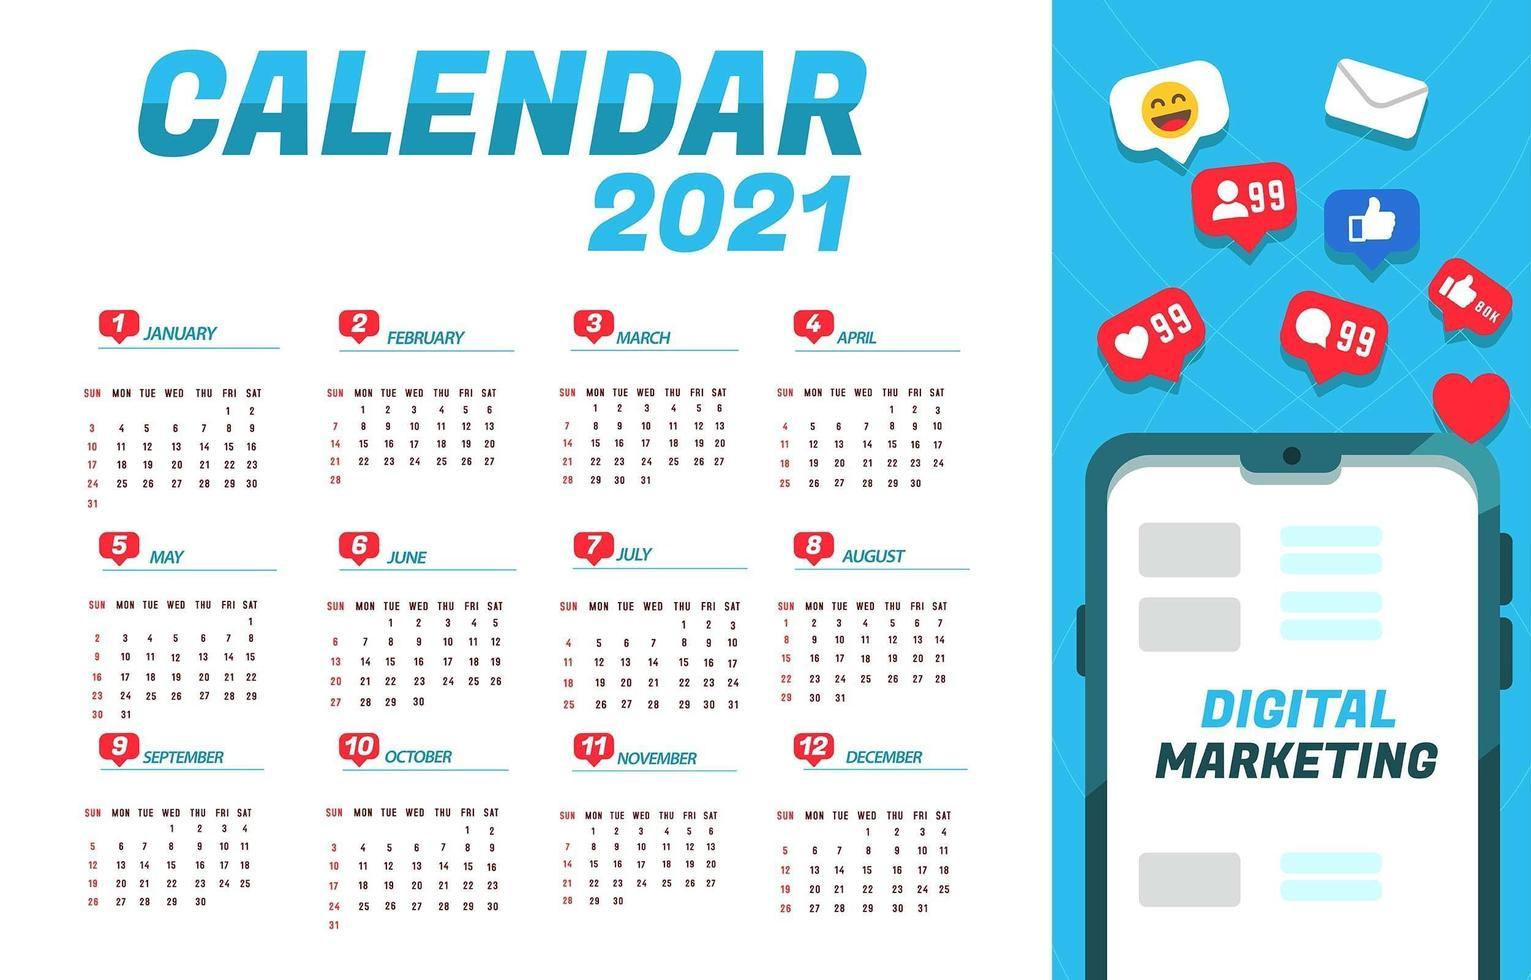 Calendario Digitale 2021 notifiche per il calendario del marketing digitale 2021   Scarica